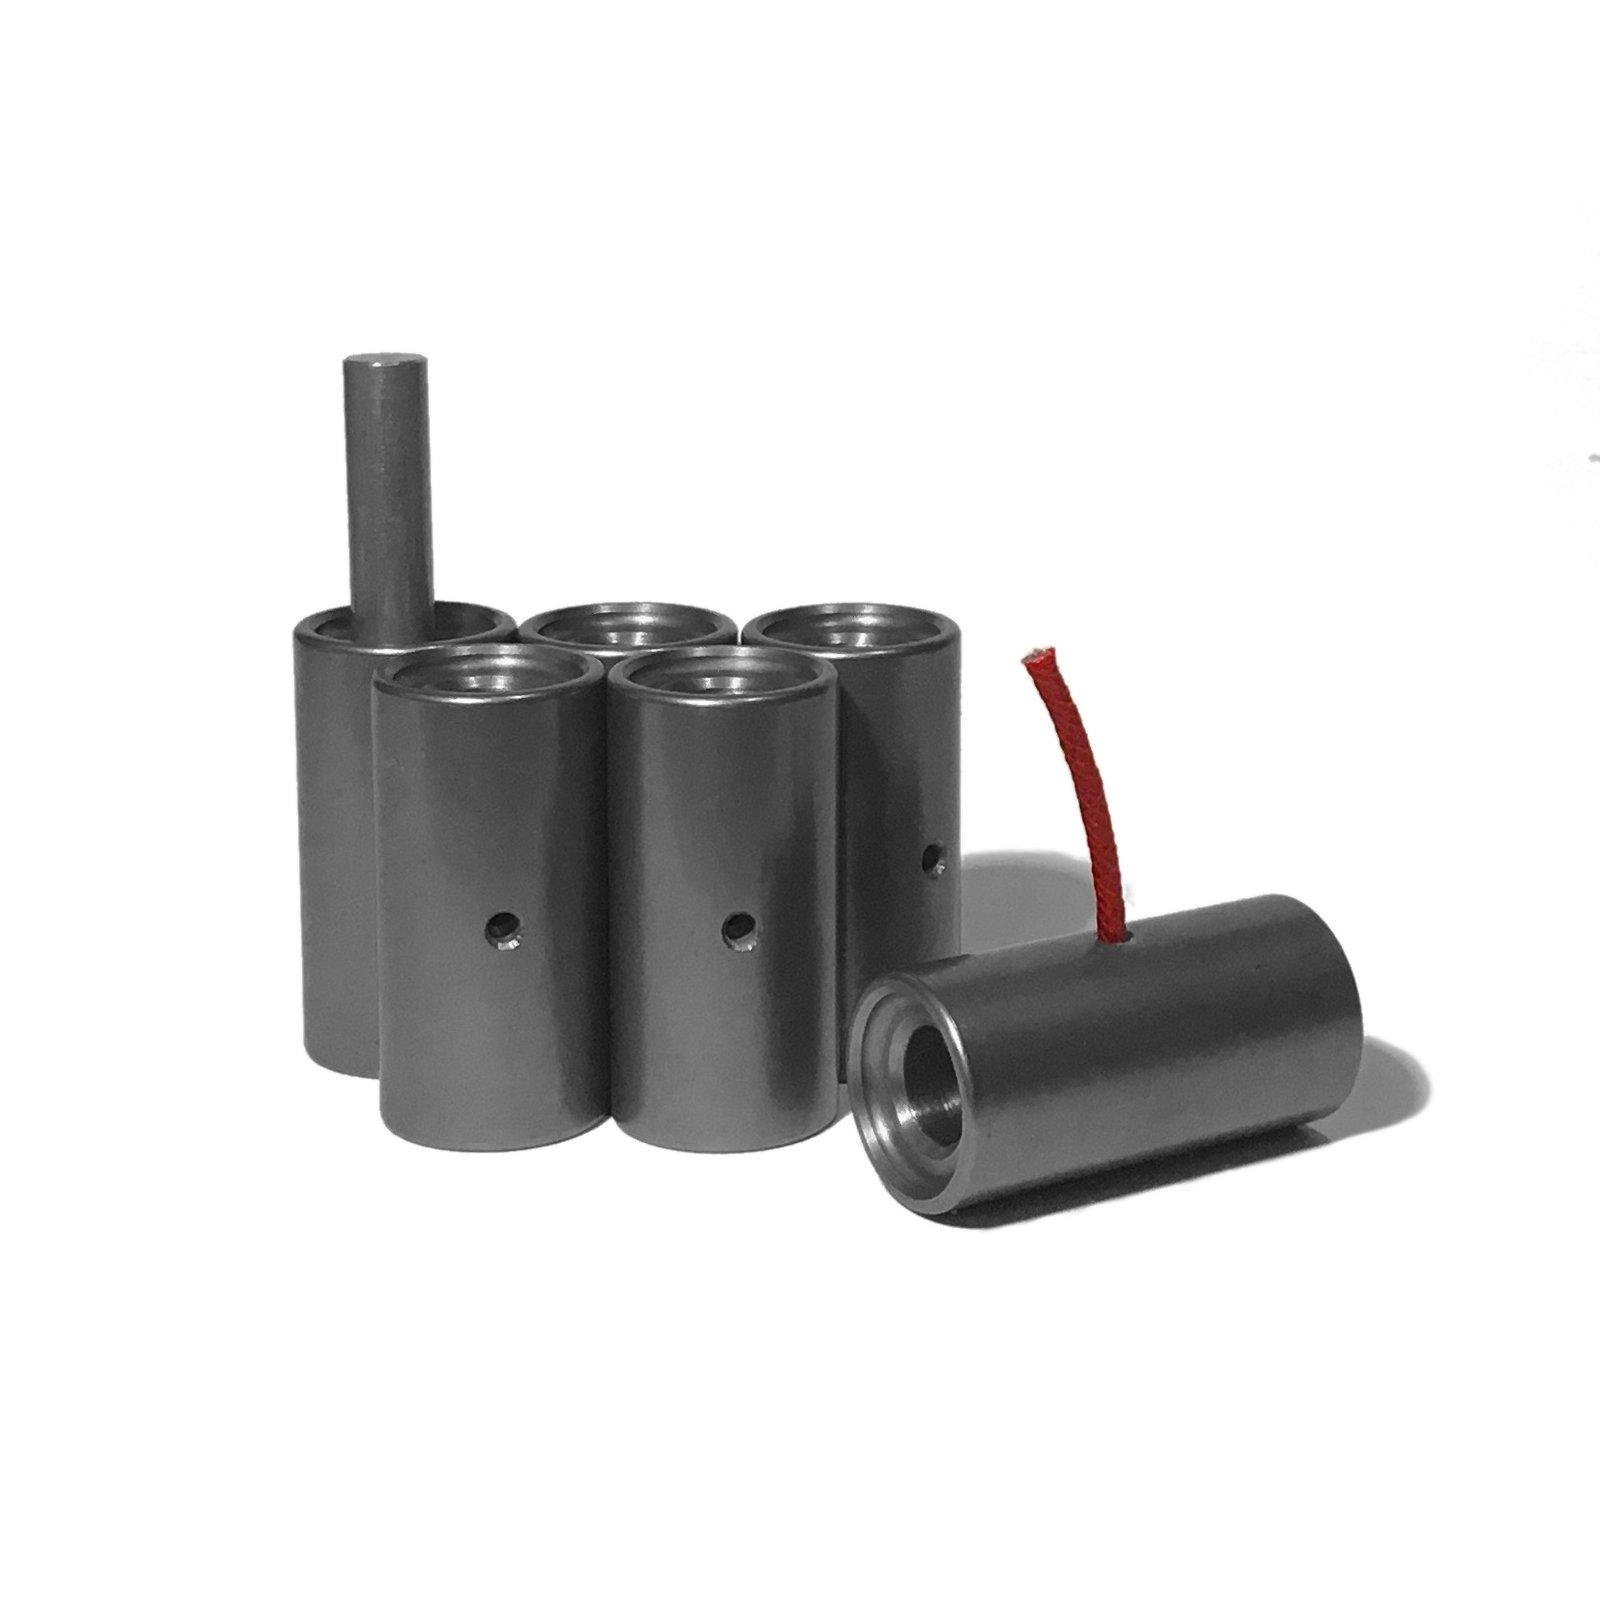 BBI - M50F6 Signal Cannon 6 Pack w/Tamper